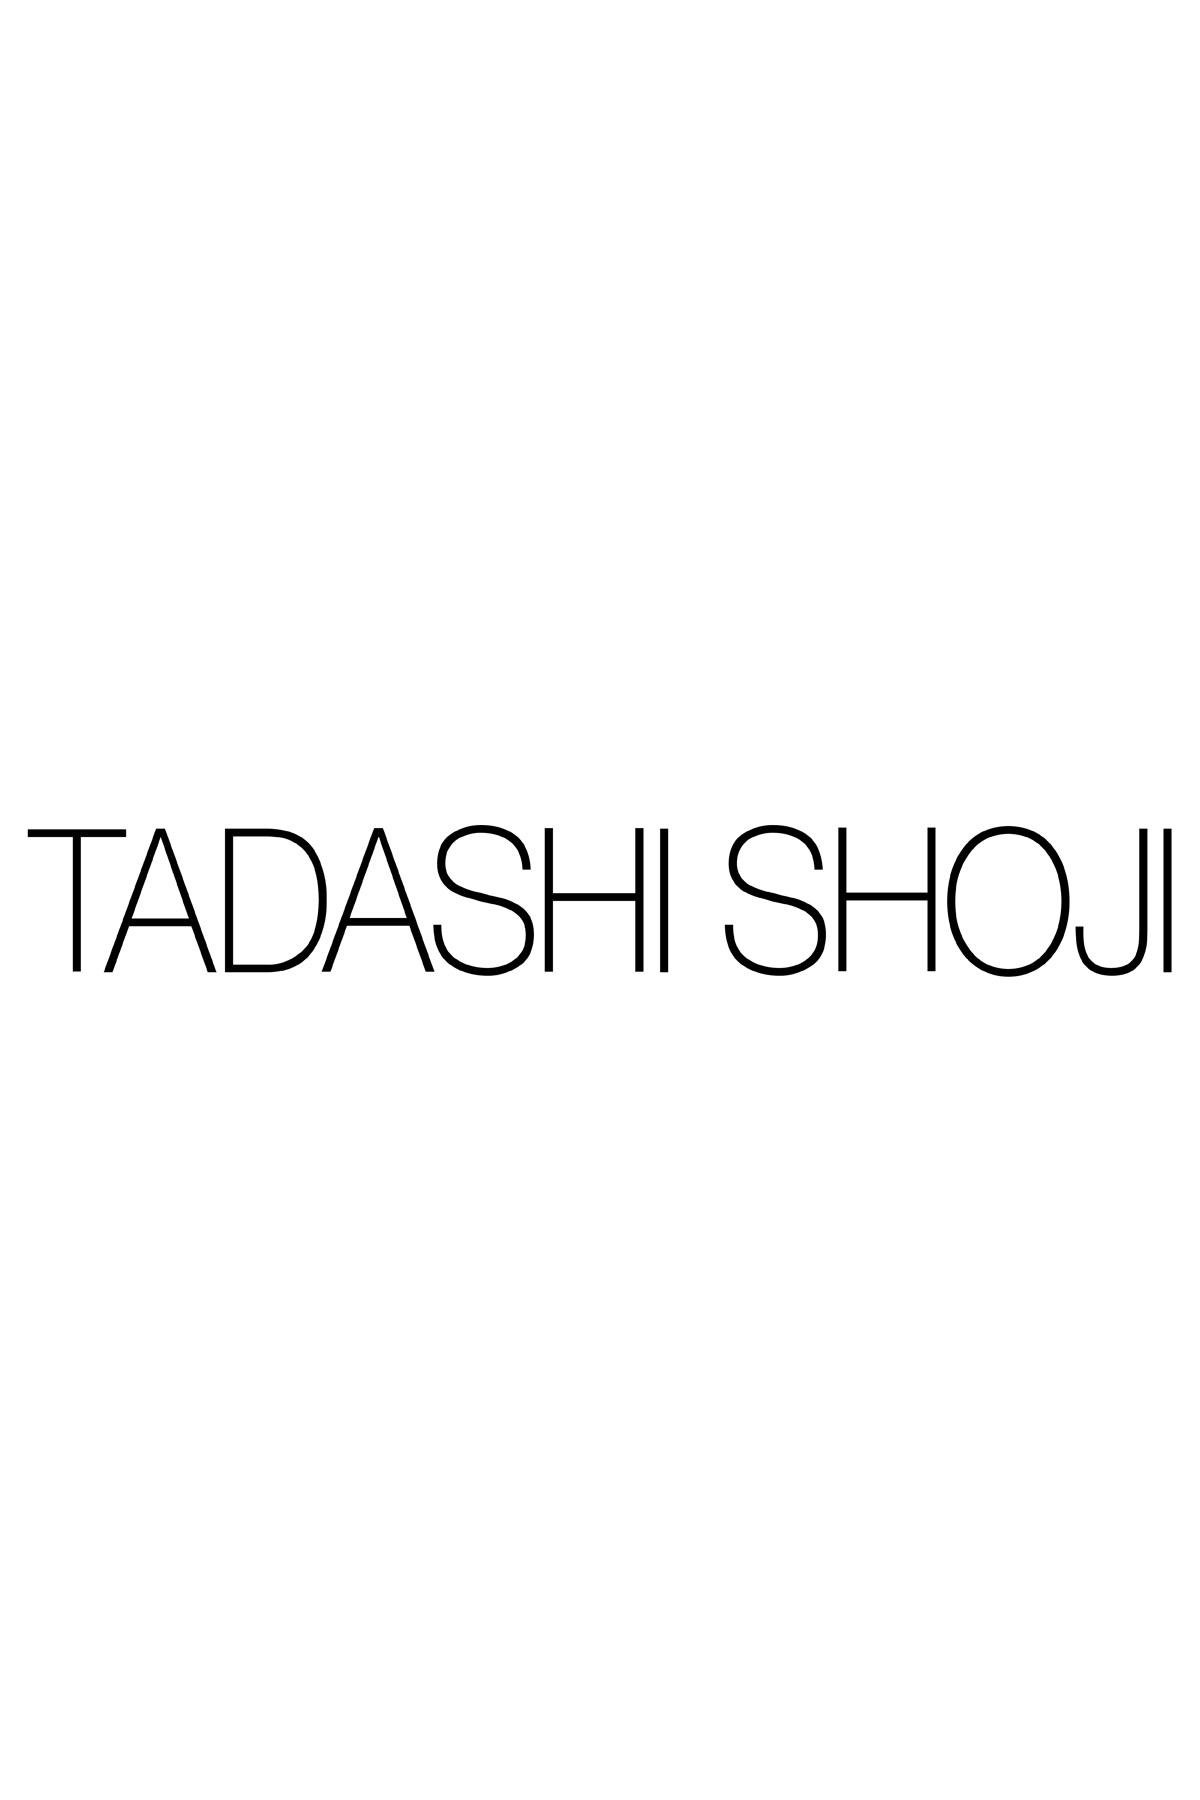 Tadashi Shoji - Lunch Tote Bag